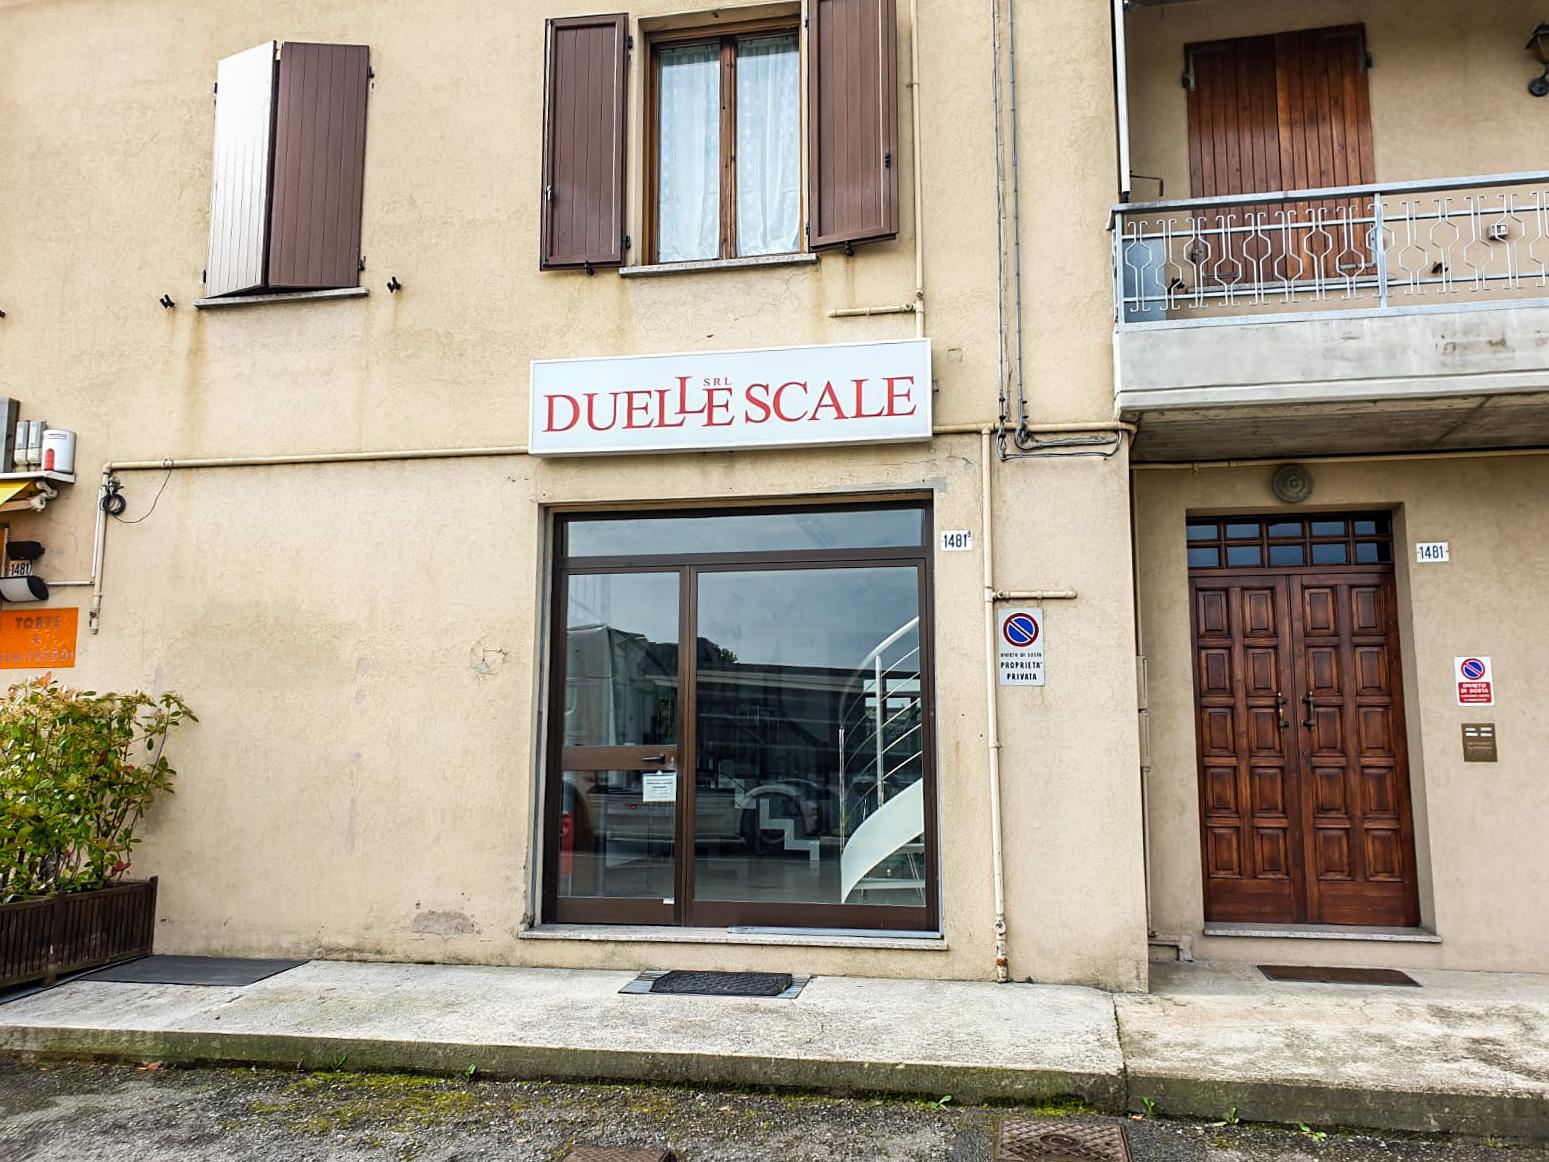 Scale modena il punto vendita diretto di duelle scale for Negozi arredamento modena e provincia